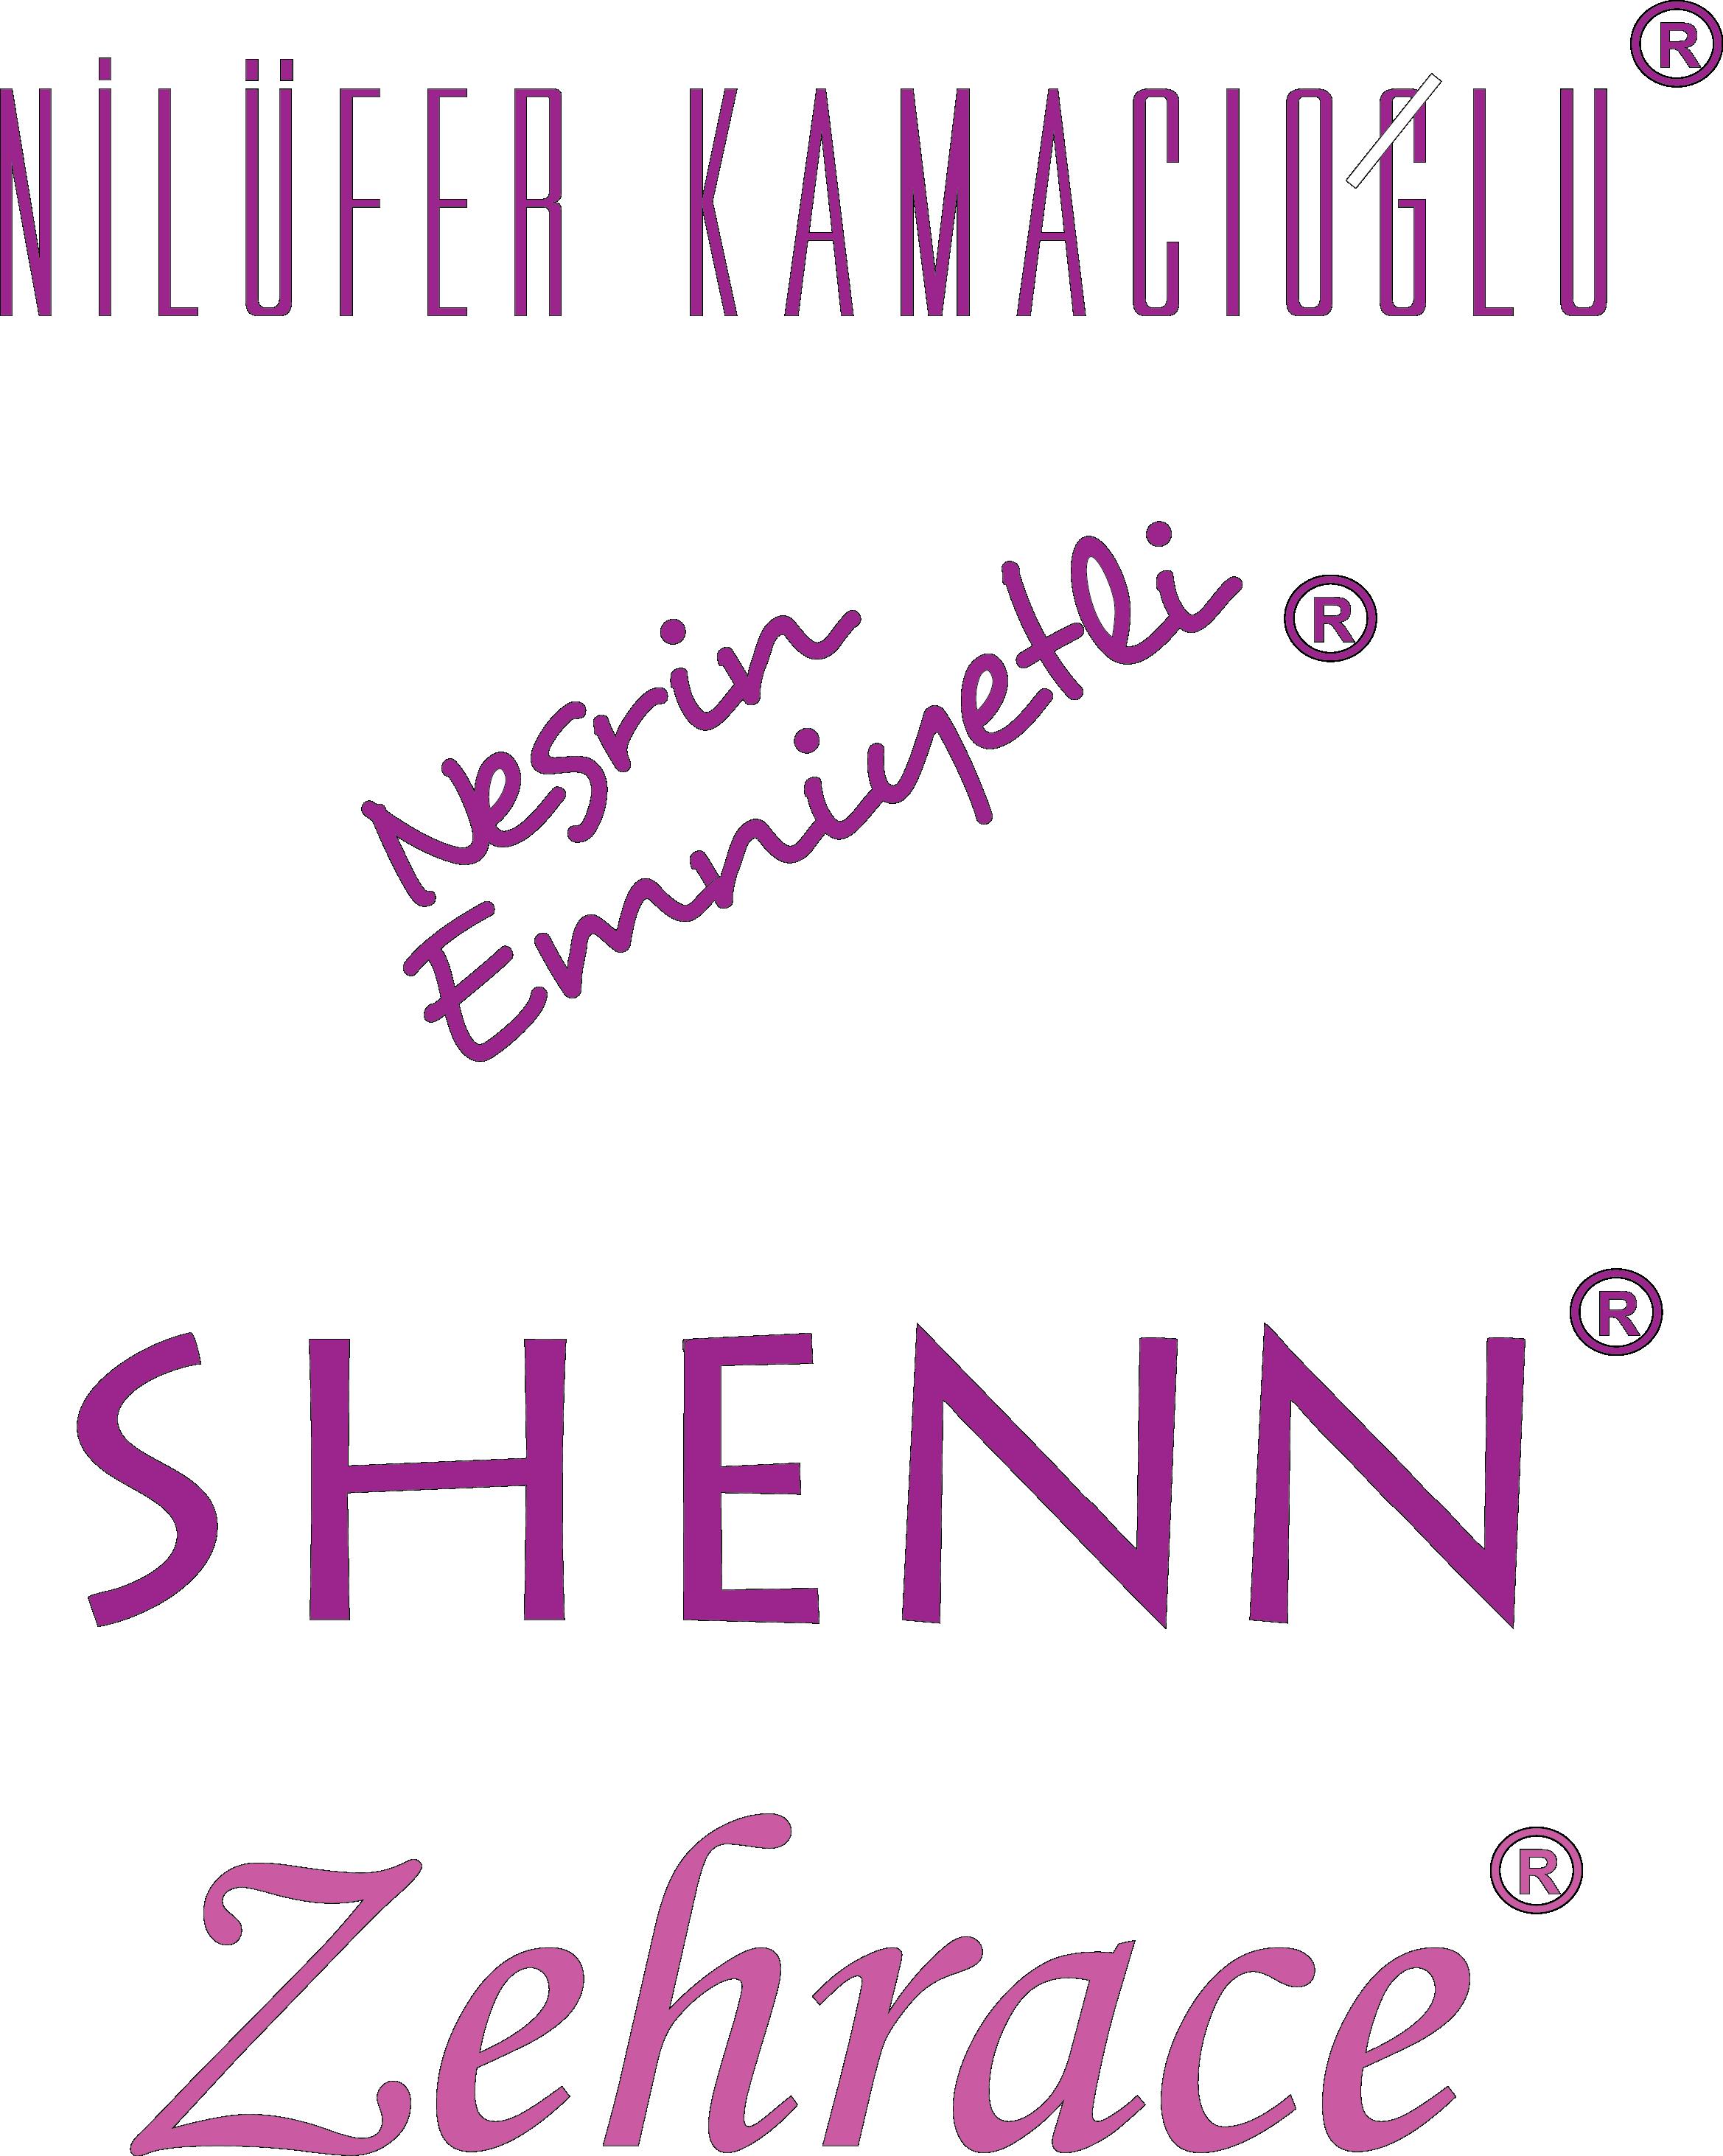 Shenn 2016